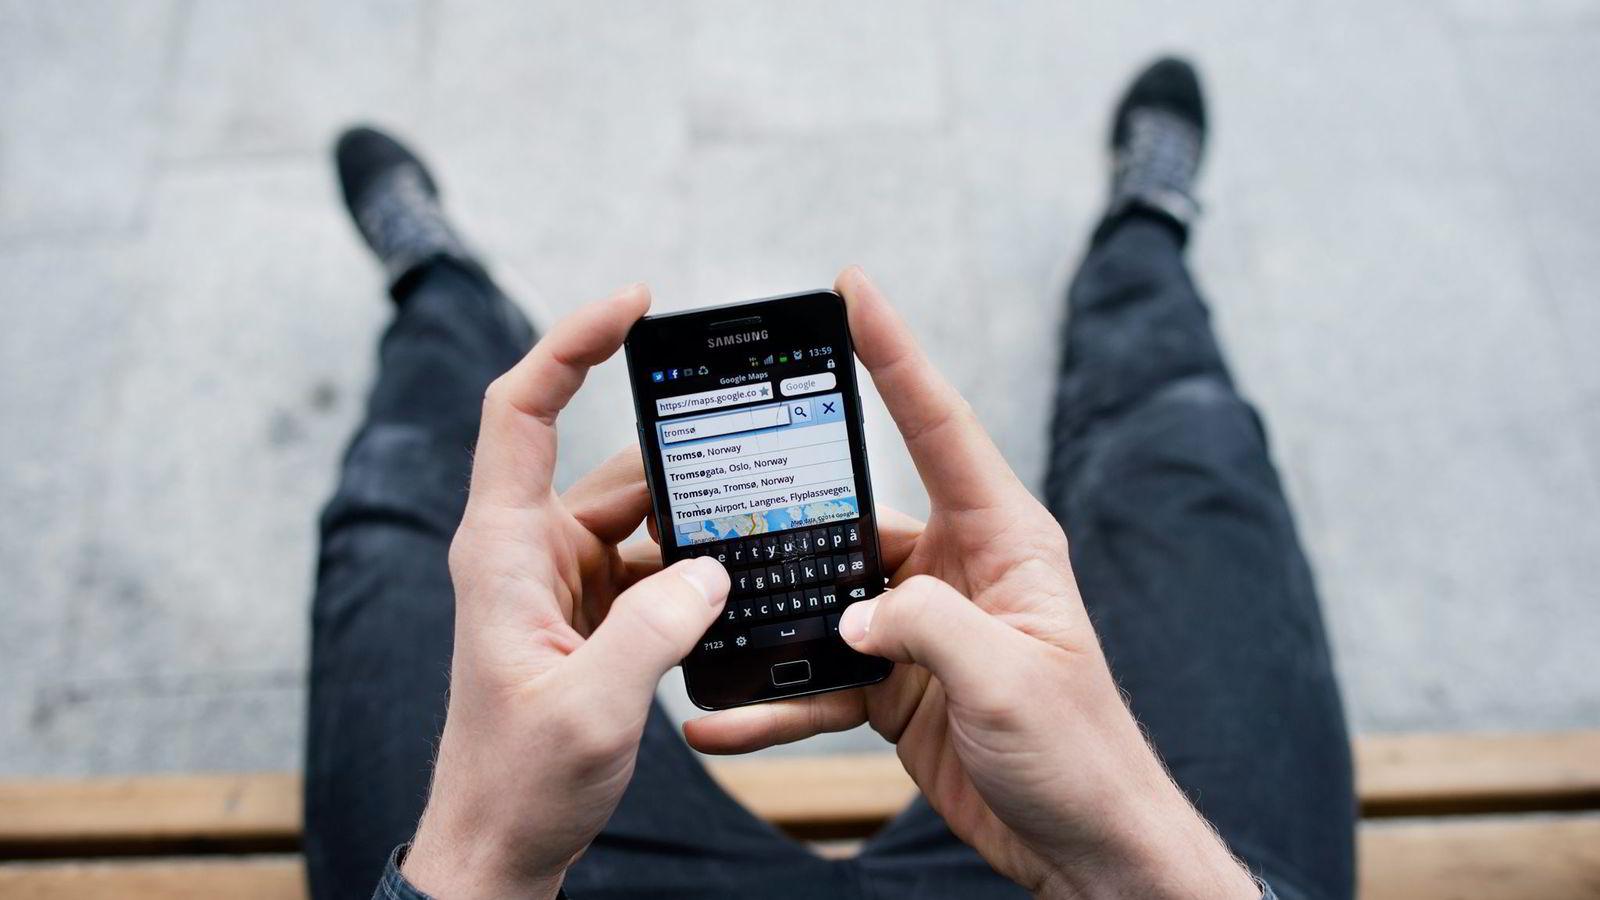 Mobiltelefon er det mediet som øker mest, og mange sjekker eposten rett før og etter de sovner. Det kan gi dårlig søvn og helse.